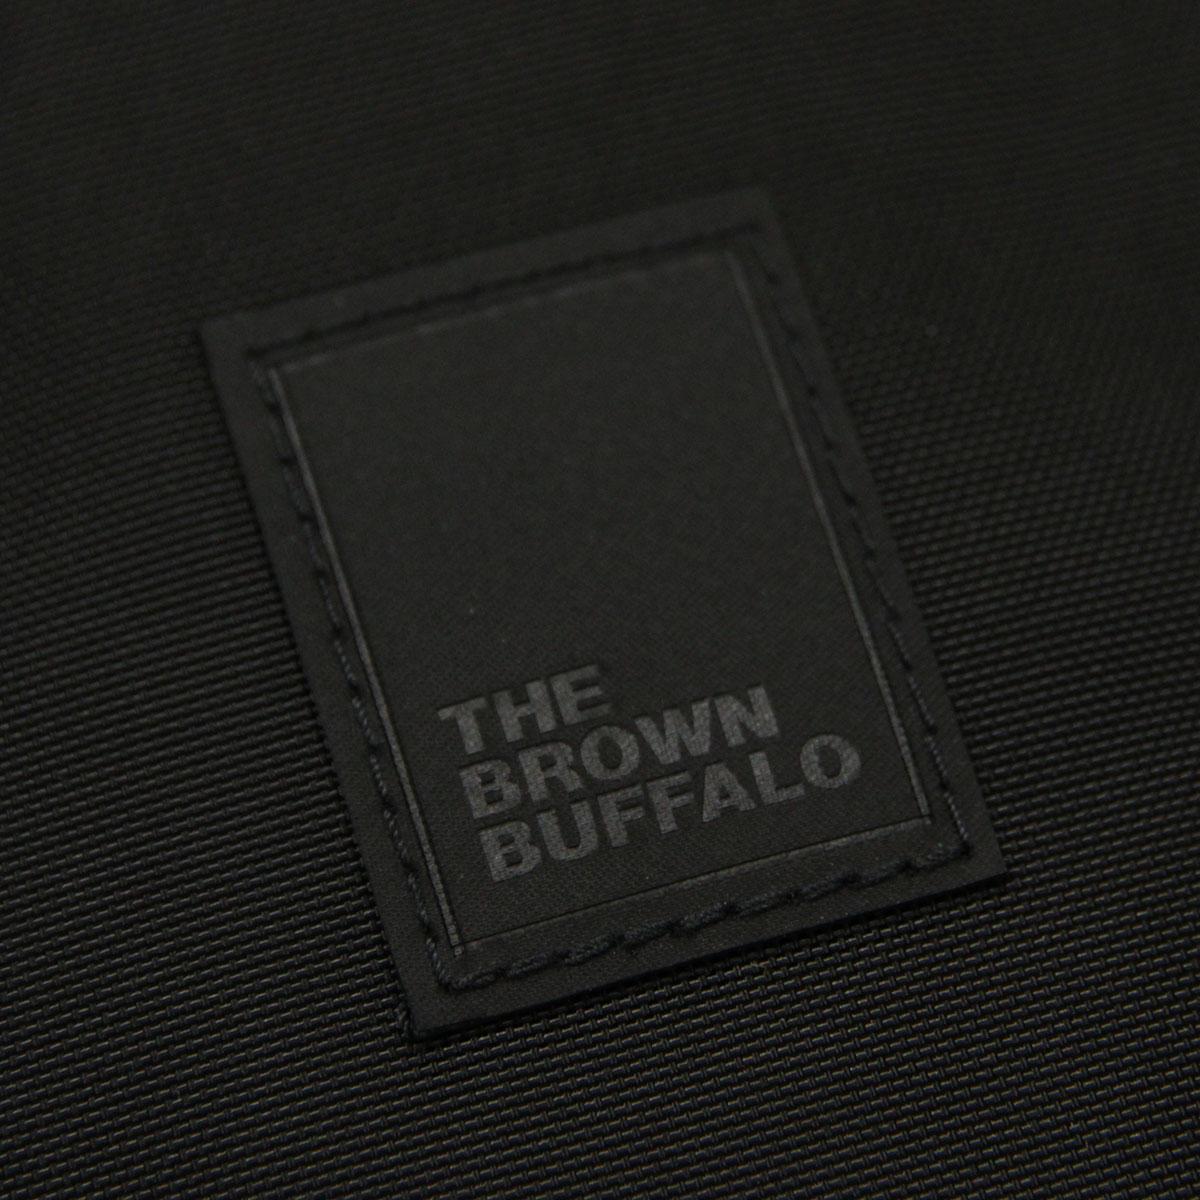 ザ ブラウン バッファロー バッグ メンズ レディース 正規販売店 THE BROWN BUFFALO ショルダーバッグ サコッシュ ミニショルダー SPECIAL DELIVERY BLACK F18SD420DBLK1 AA7B B3C C8D D4E E13F